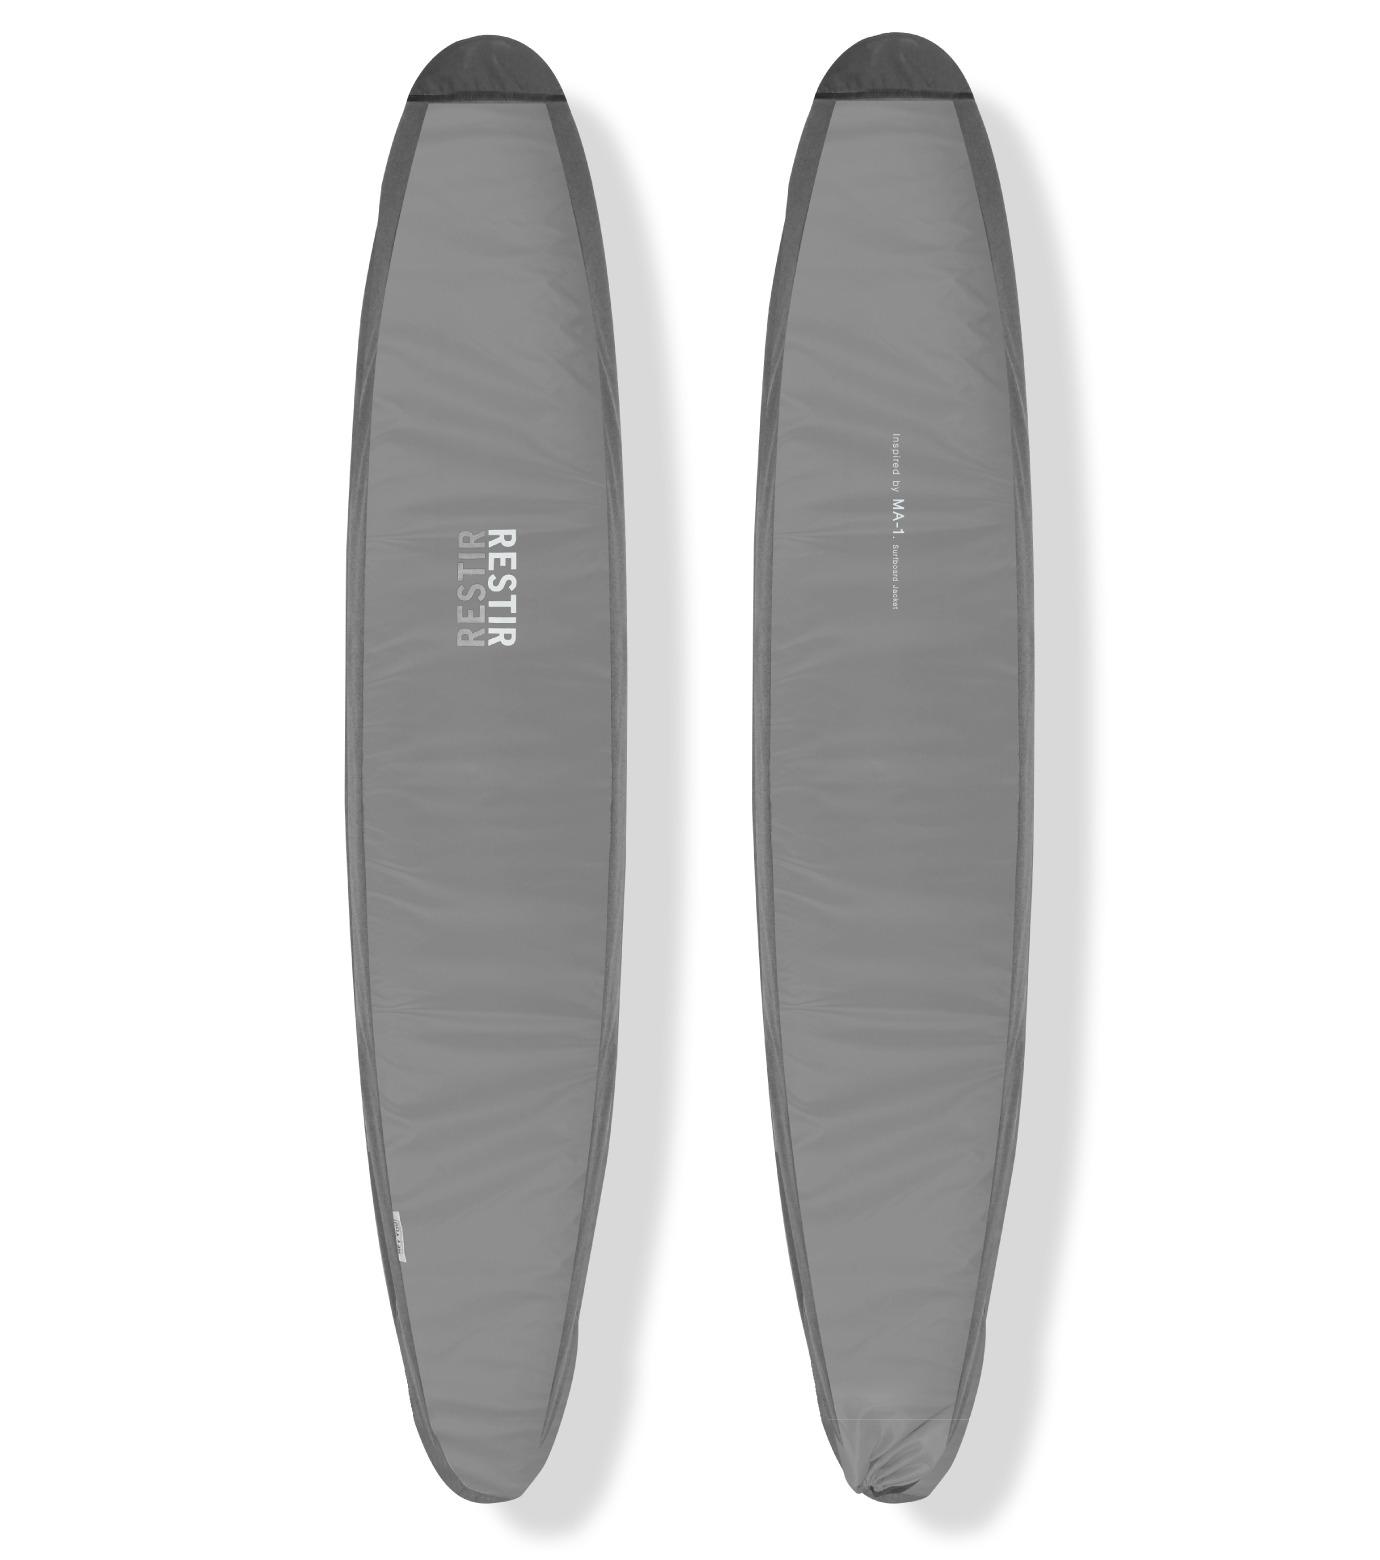 HEY YOU !(ヘイユウ)のSurfboard Jacket Long-GRAY(サーフ/OUTDOOR/surf/OUTDOOR)-18S90012-11 拡大詳細画像1